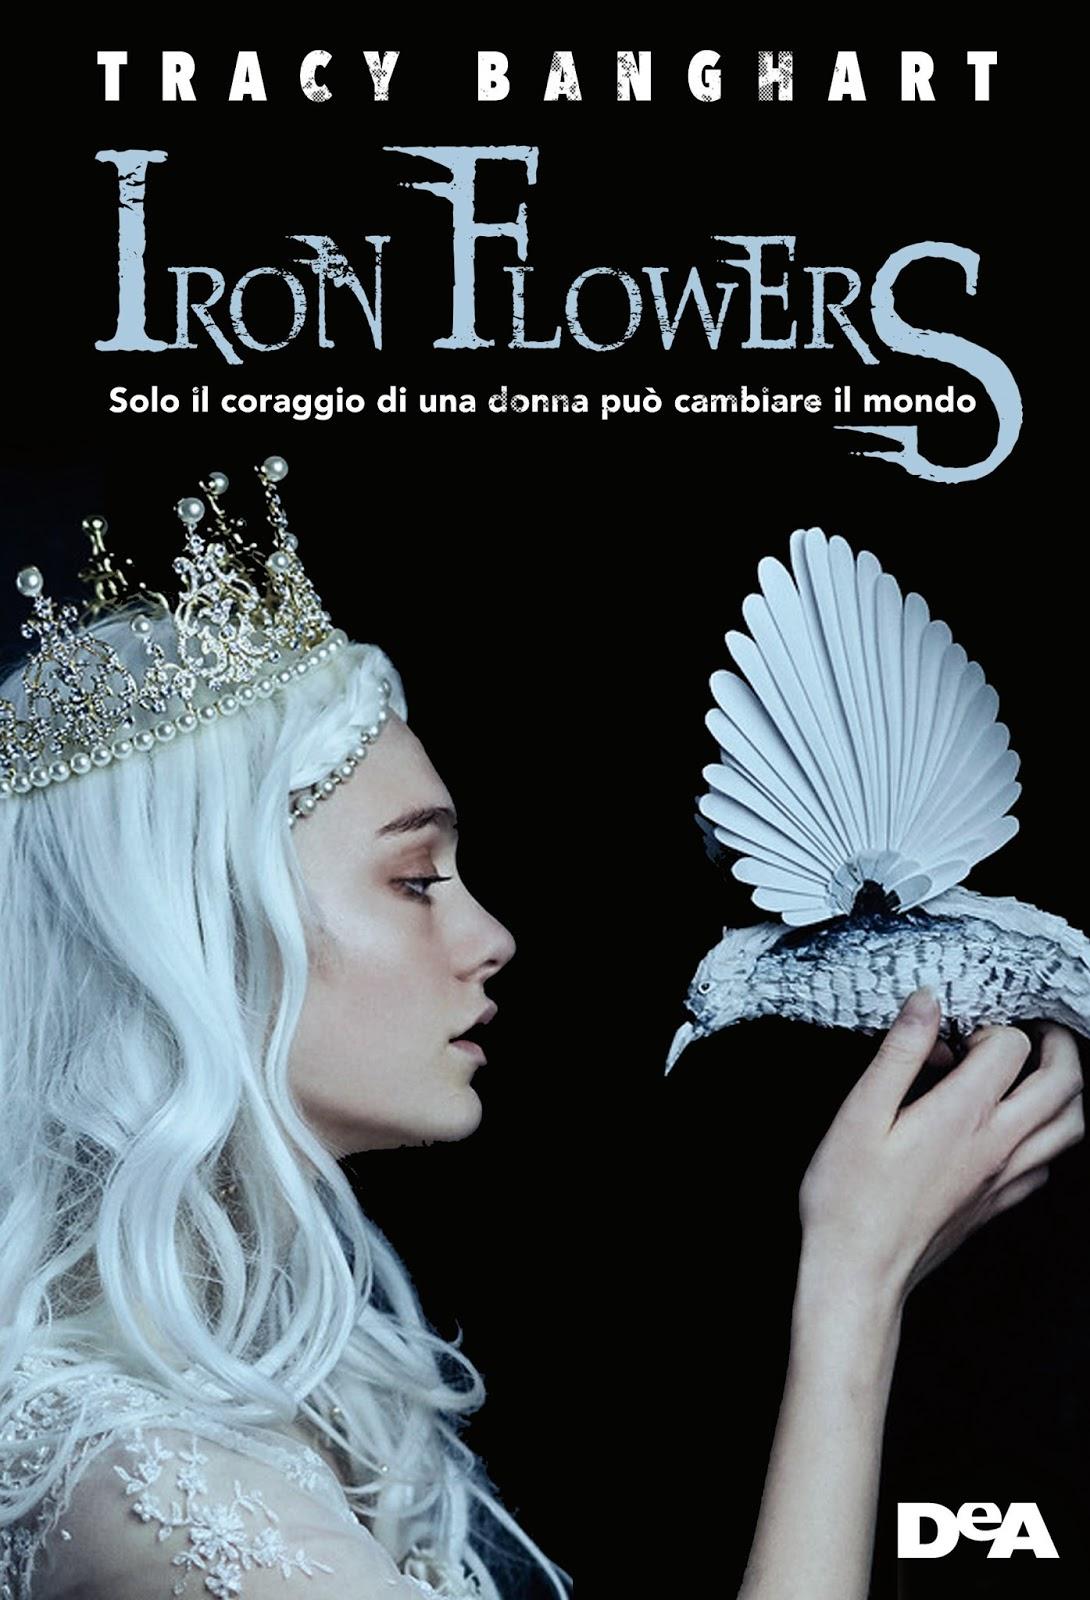 Risultati immagini per iron flowers